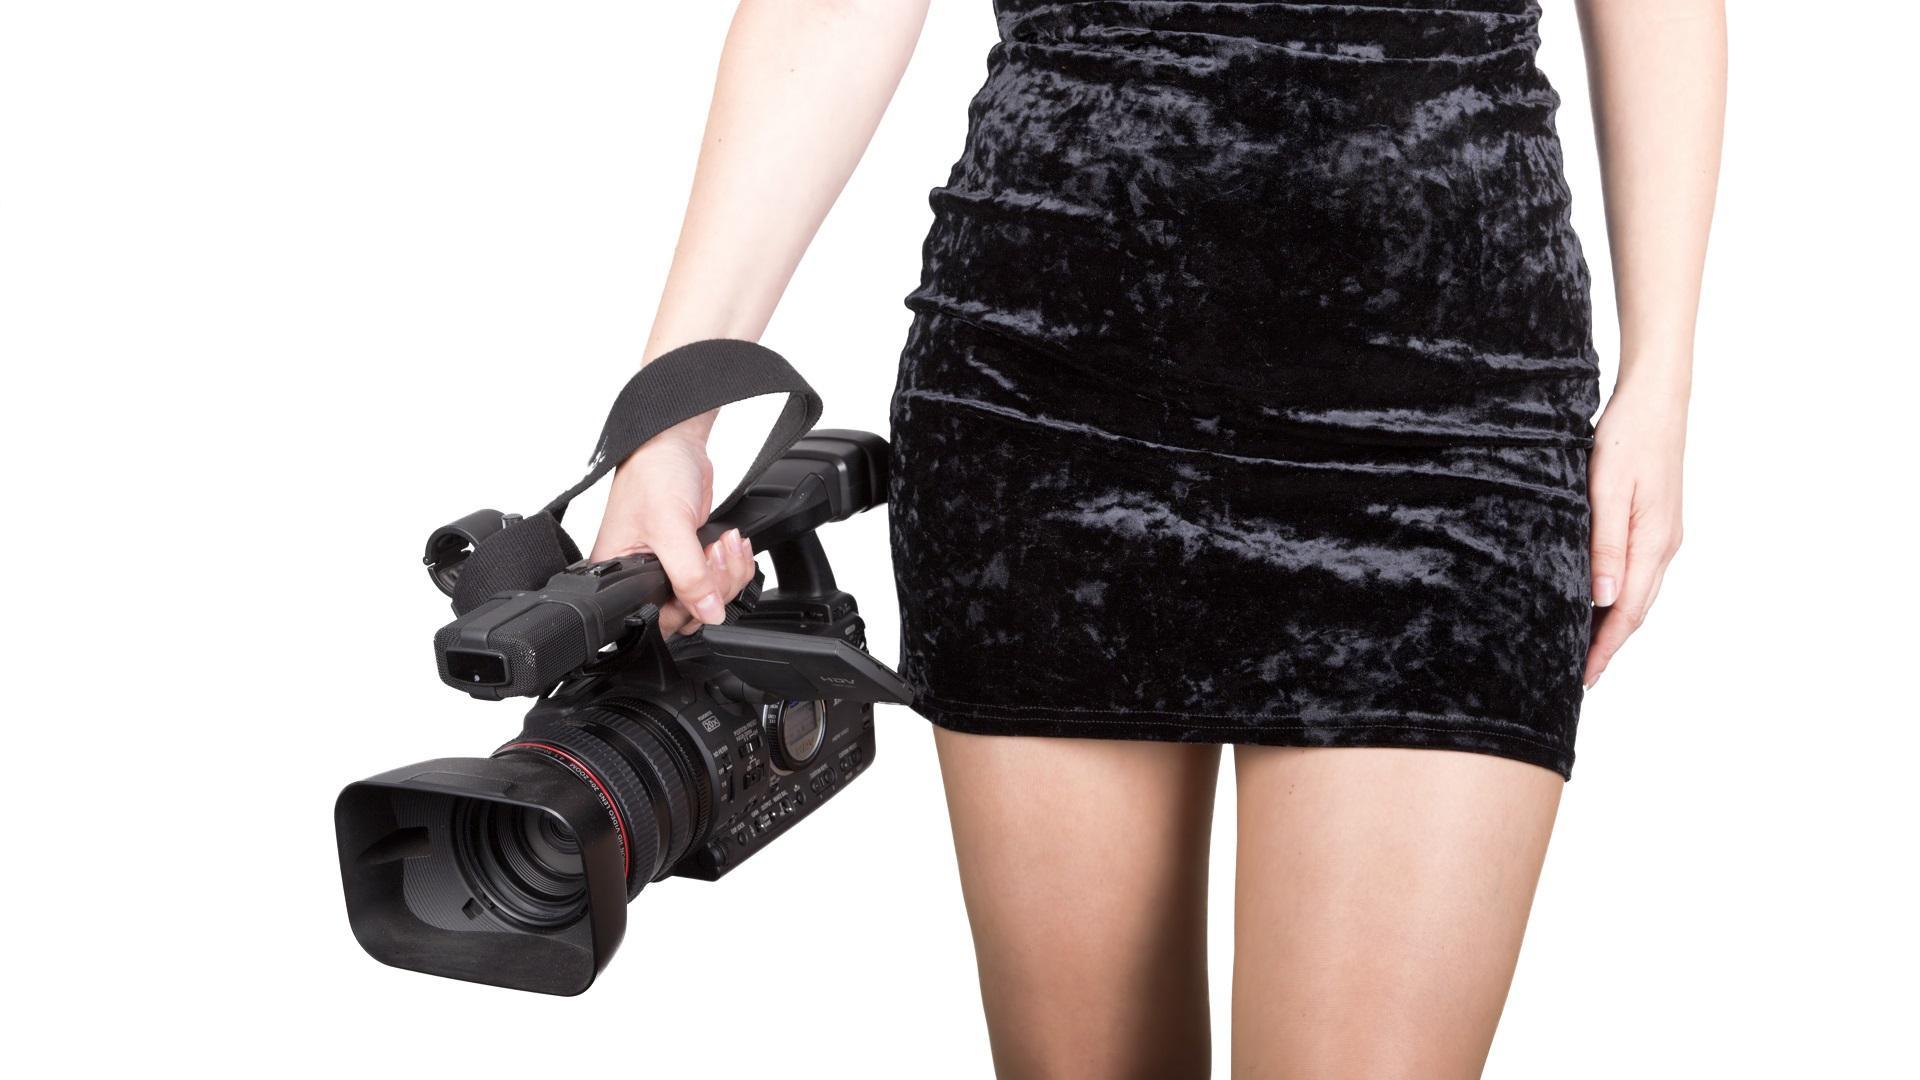 mujer-con-vestido-negro-corto-soteniendo-una-camara-de-filmacion